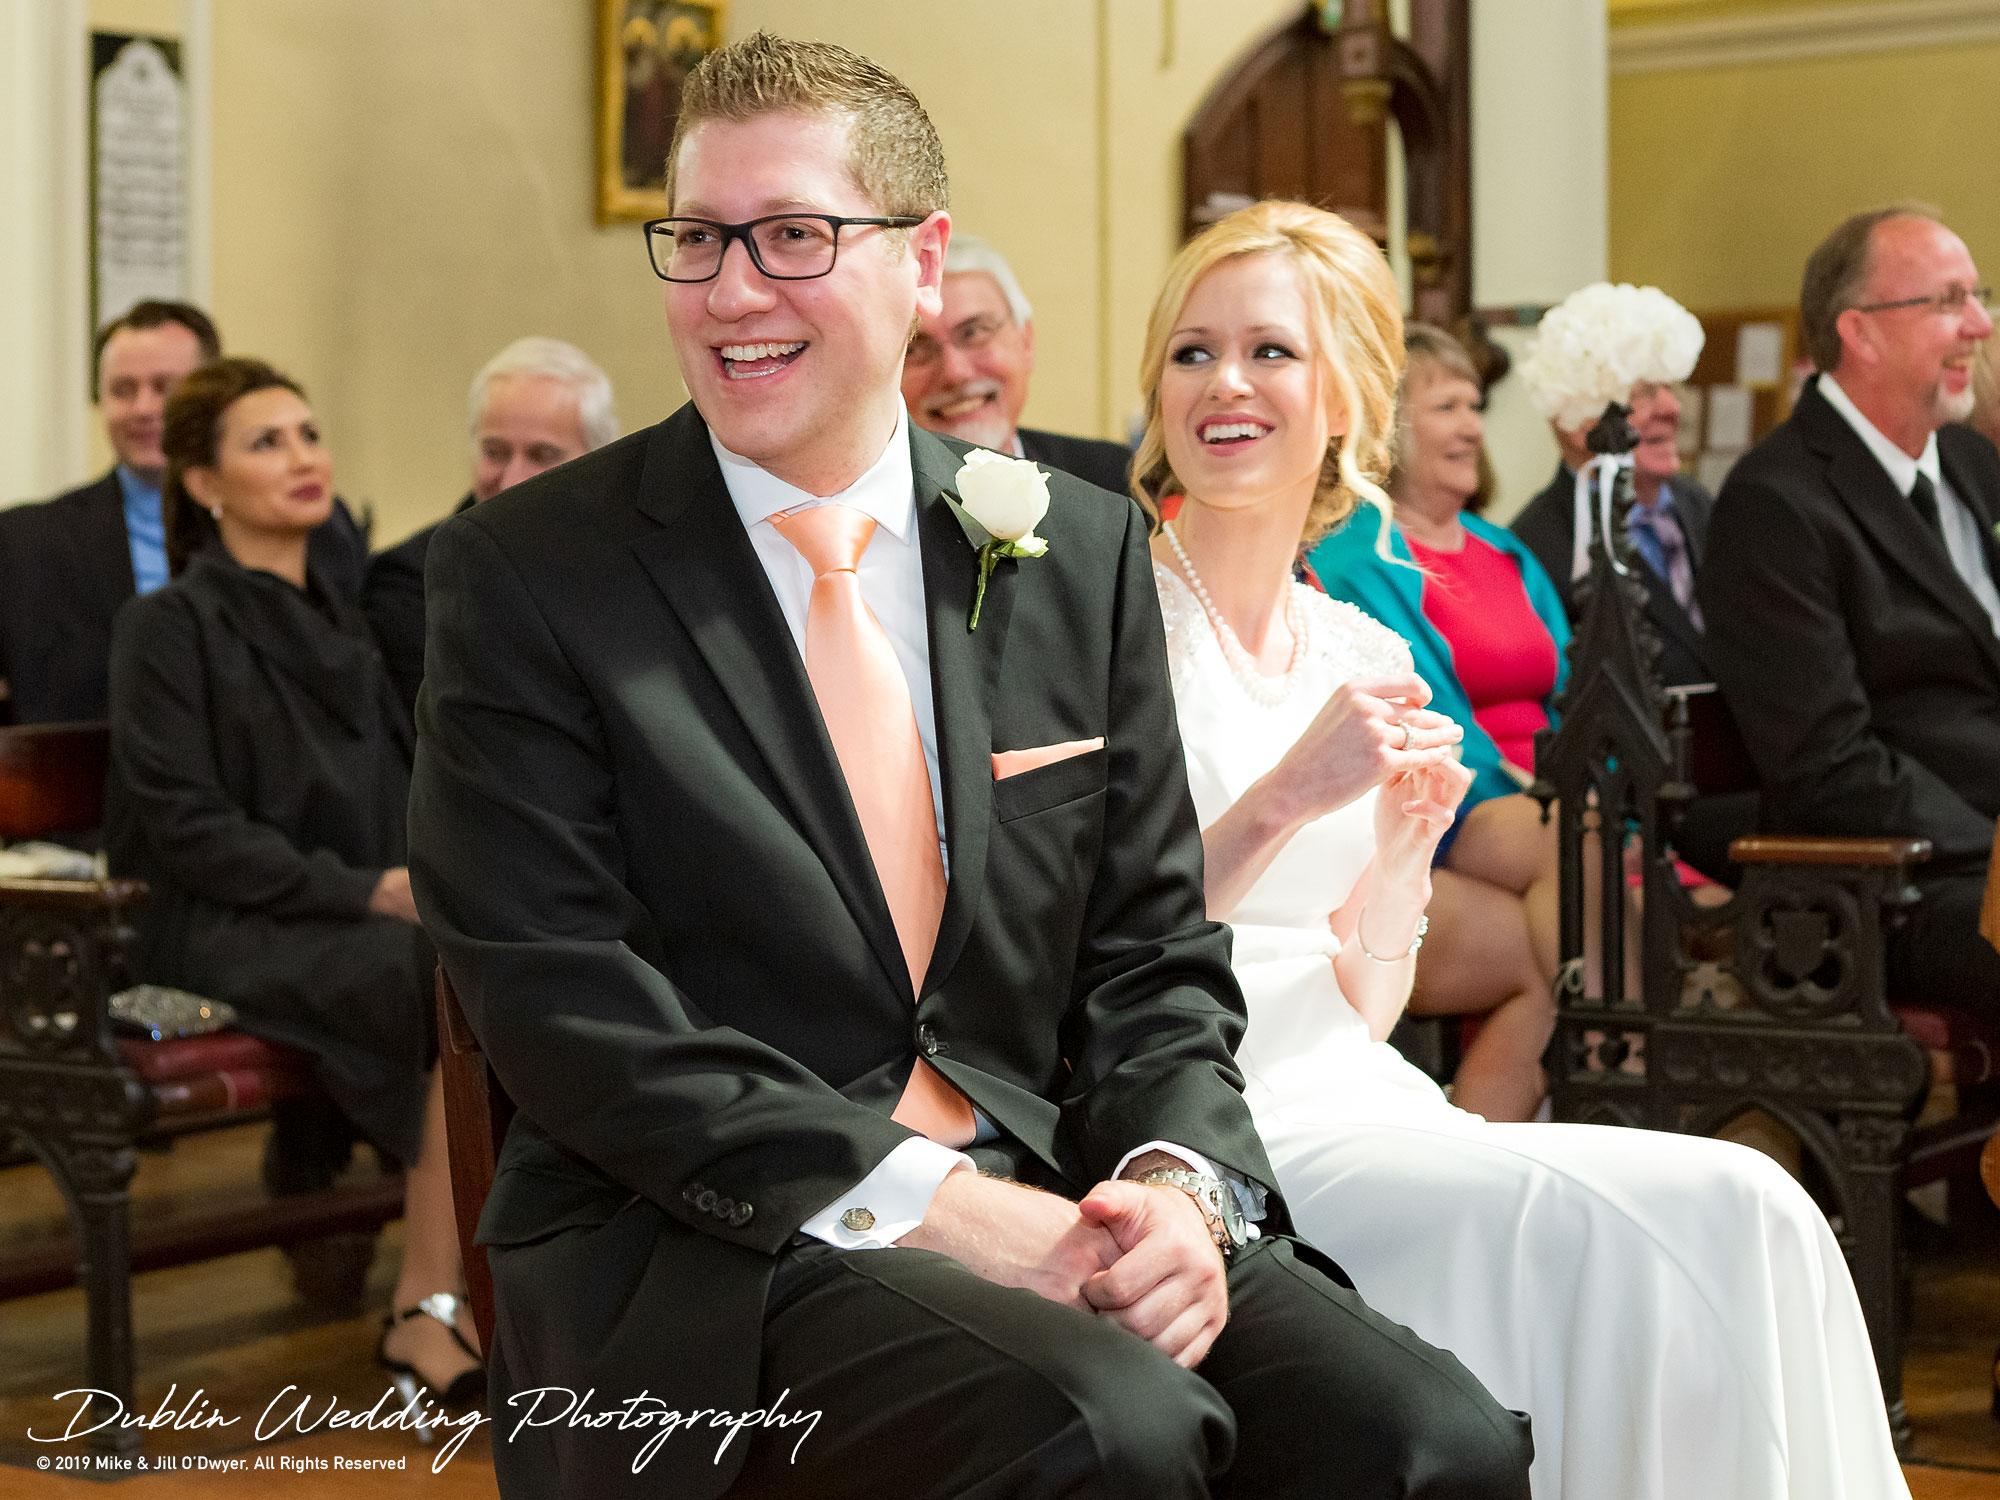 wedding-photographers-dublin-luttrellstown-castle-2016-13.jpg